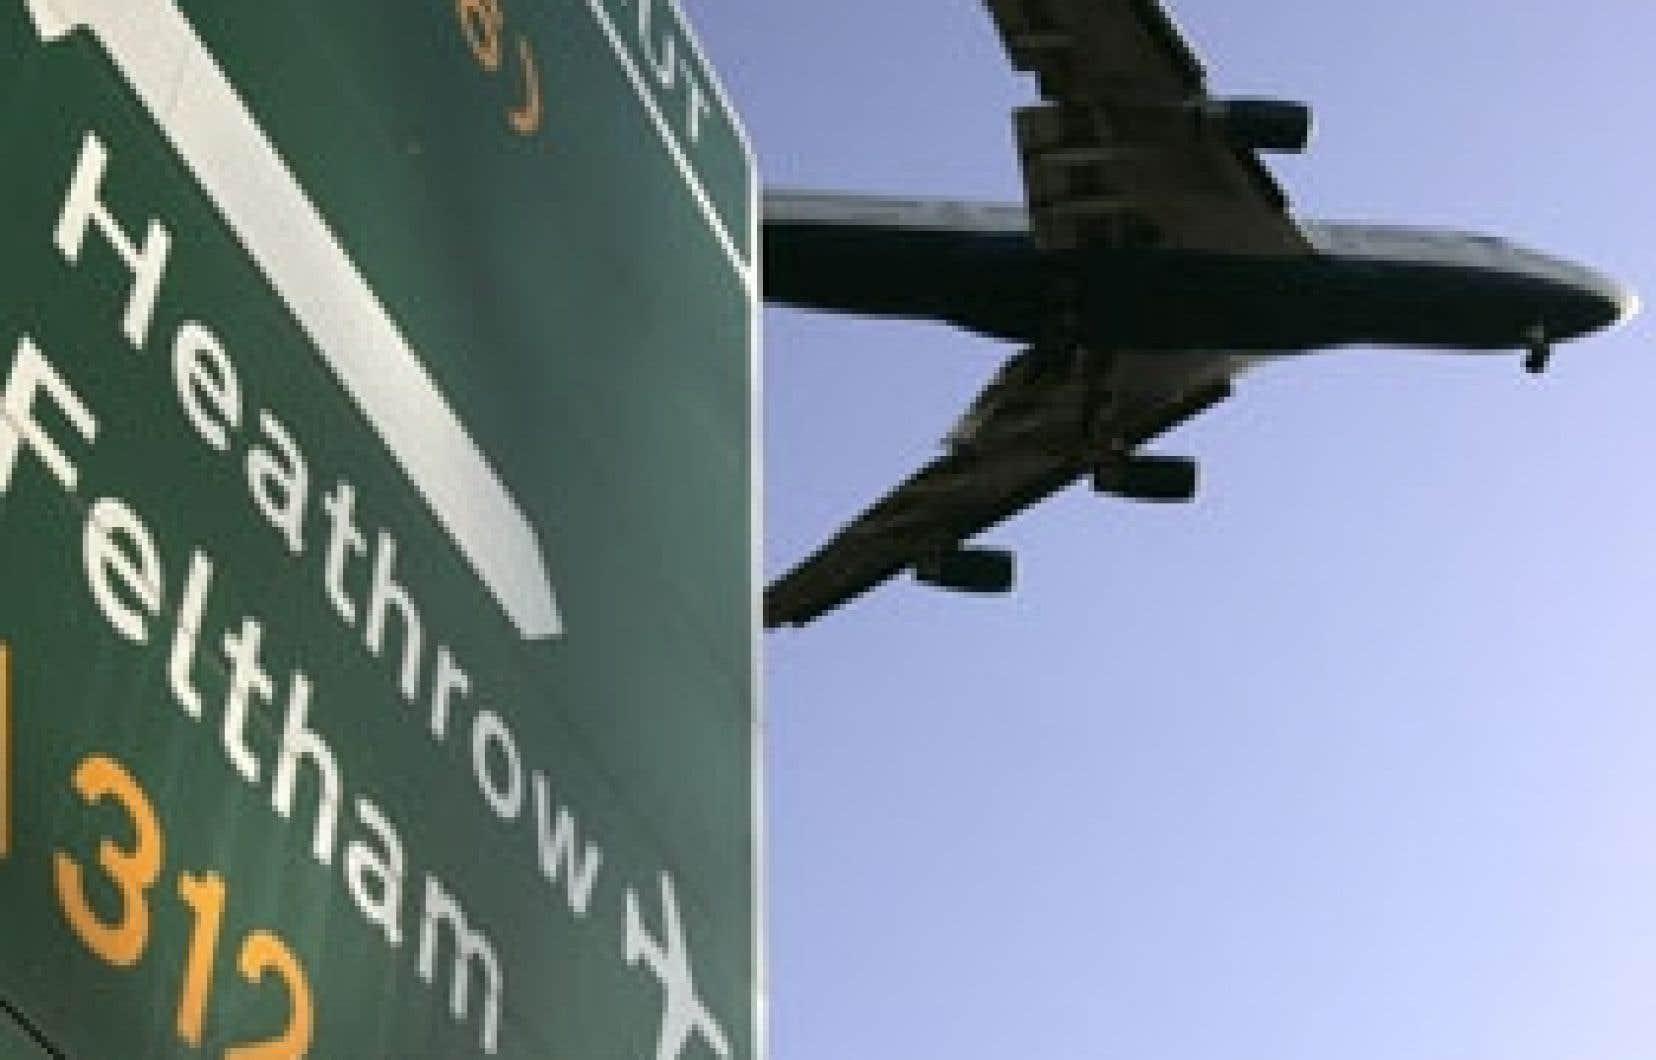 L'ouverture du terminal 5, à Heathrow, a donné lieu depuis jeudi à une série de «pépins», selon le mot de BA, qui, ajoutés les uns aux autres, ont abouti à l'annulation de 34 moyen-courriers au départ du T5 jeudi et encore 36 aujourd'hui,